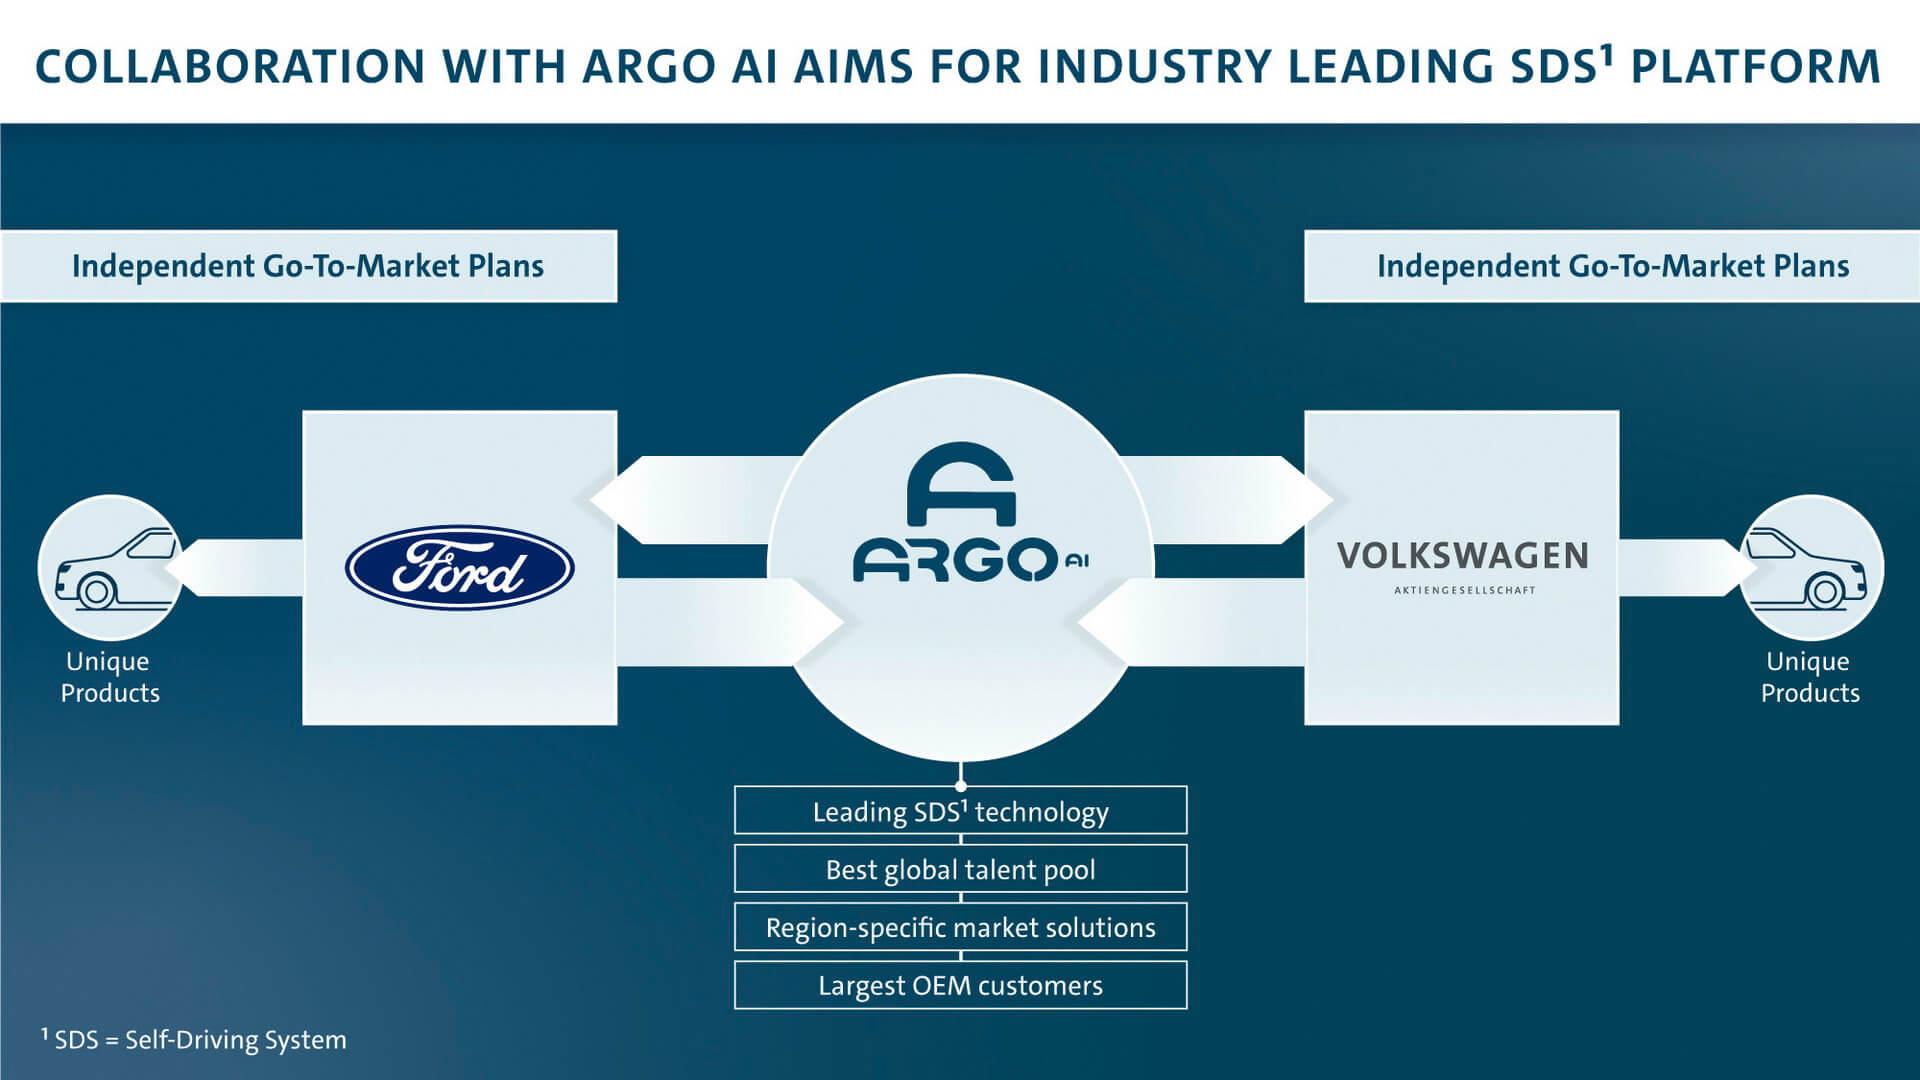 Volkswagen приобретает долю в дочерней компании Ford Argo AI